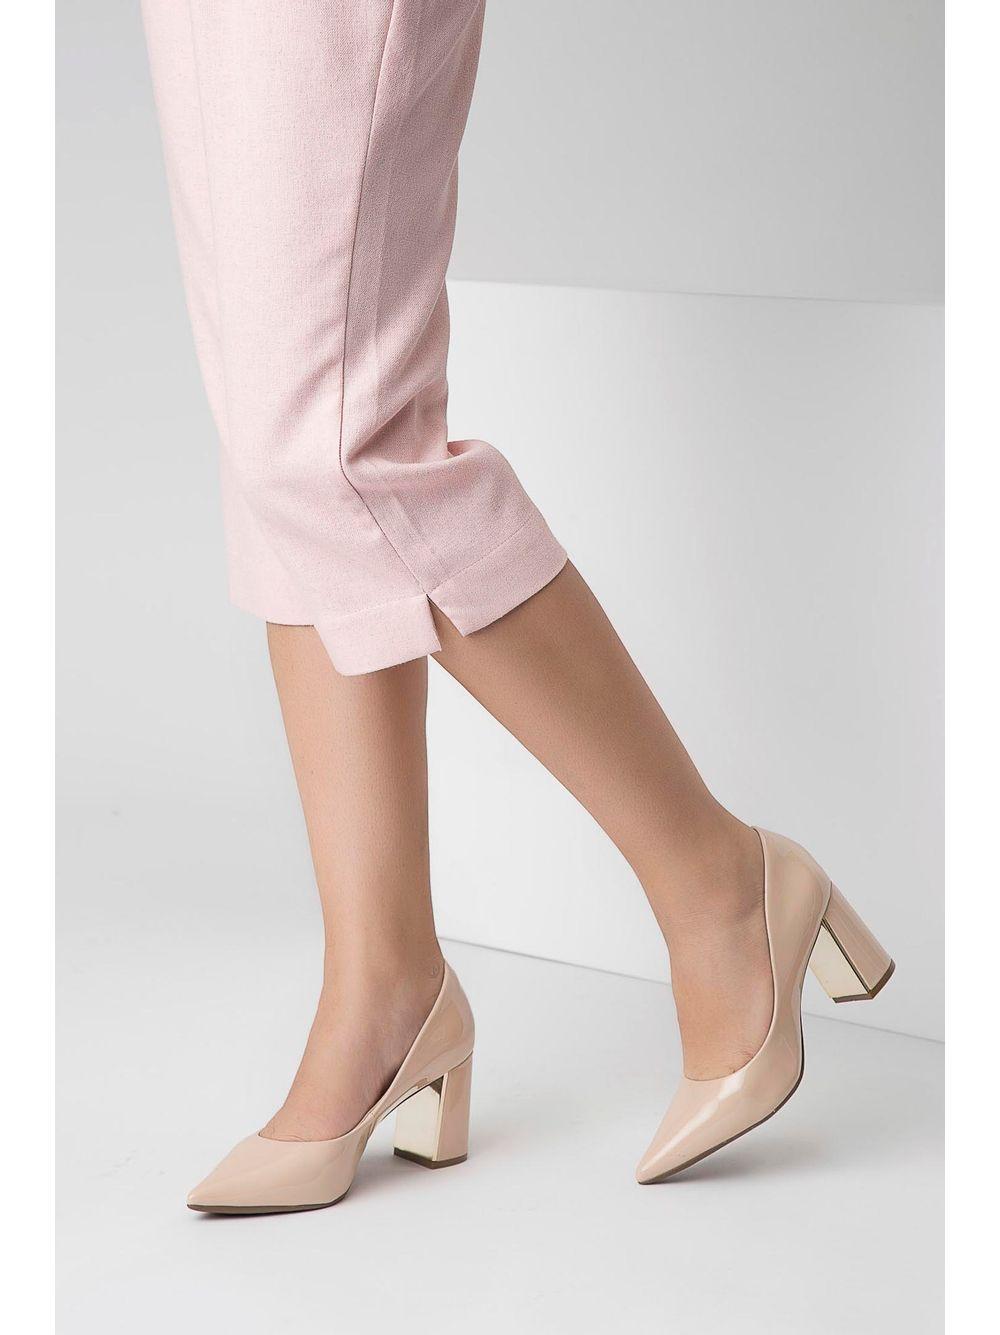 9b9f933635 Sapato Bebecê Verniz Salto Grosso Metalizado Nude - pittol